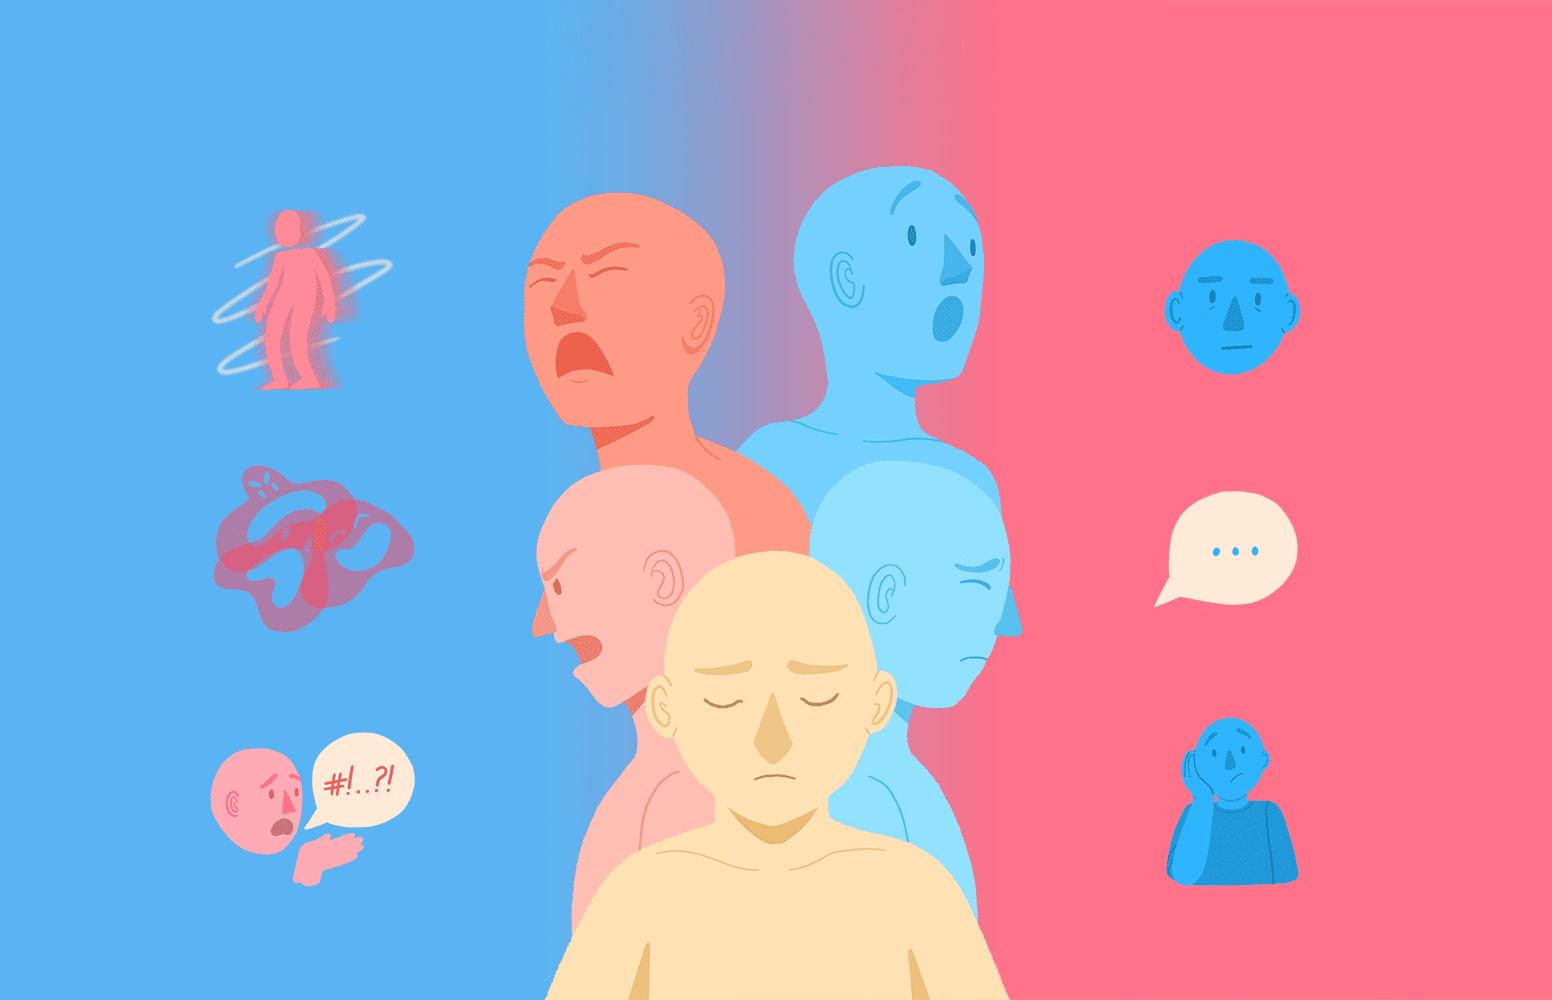 روان پریشی و اسکیزوفرنی — از علائم و نشانه ها تا روش های درمان